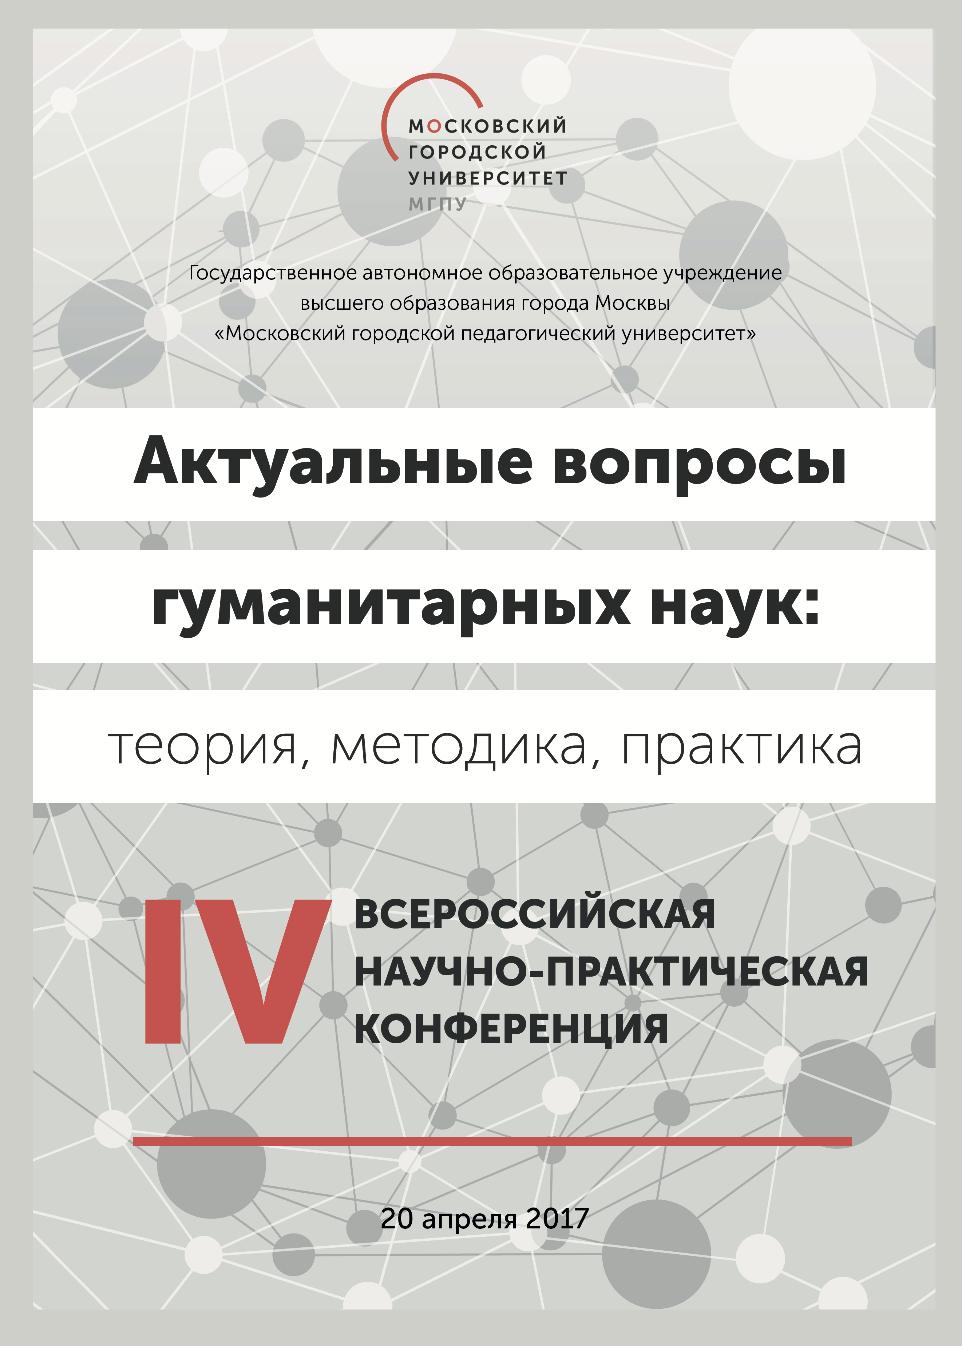 КАФЕДРАЛЬНЫЙ СБОРНИК 2017 / под ред. А.А.СОРОКИНА